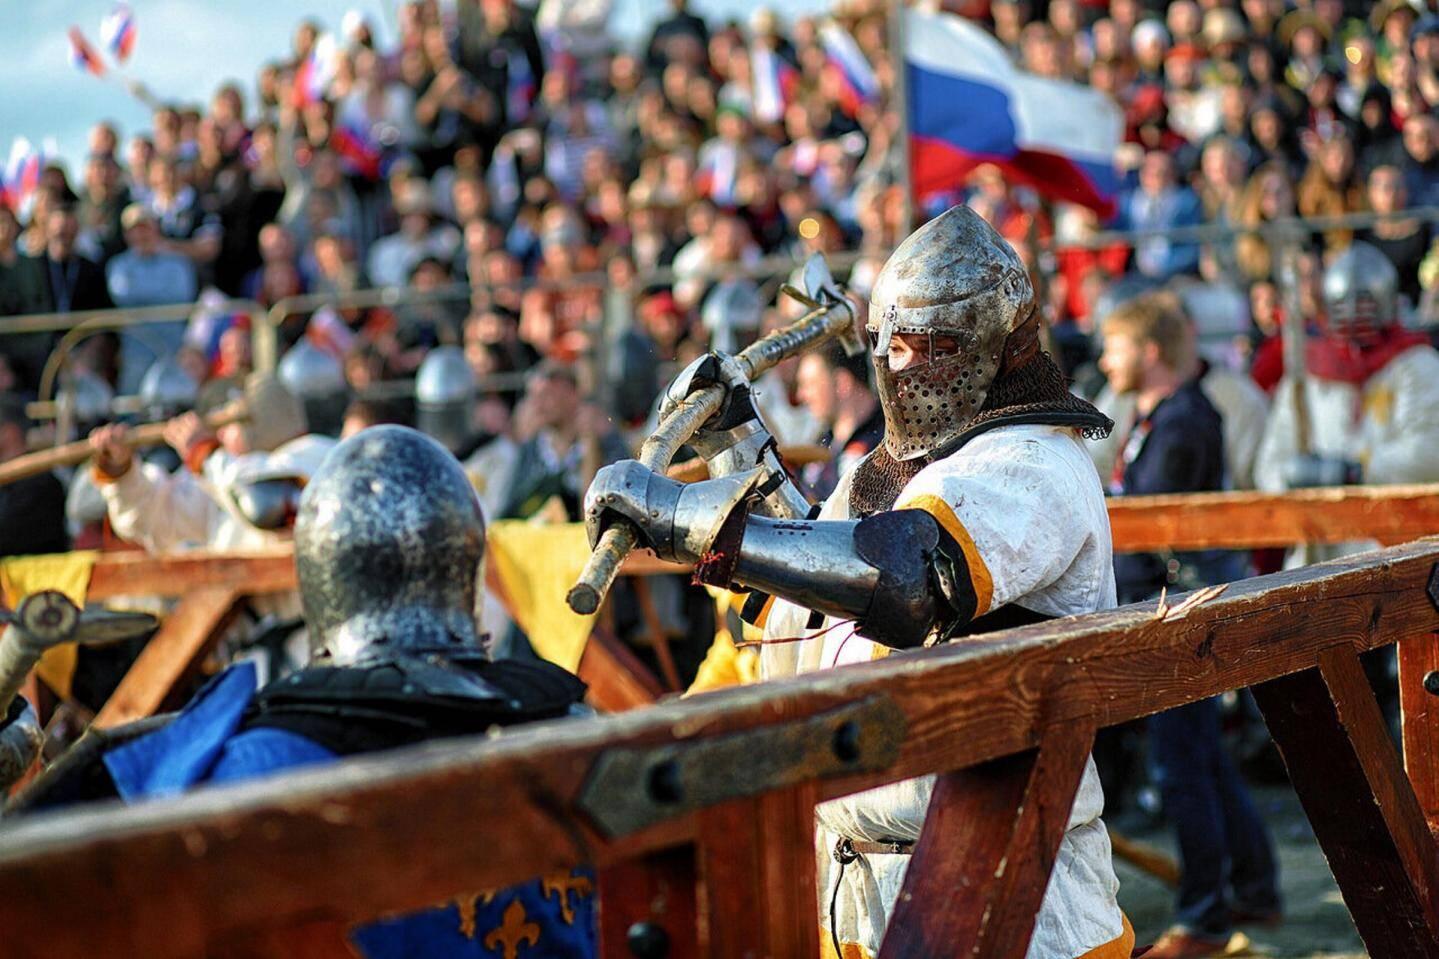 L'équipe Grimaldi Milites s'entraîne plusieurs fois par semaine pour des combats à venir. Sur les deux photos de droite, un affrontement officiel à Laon.